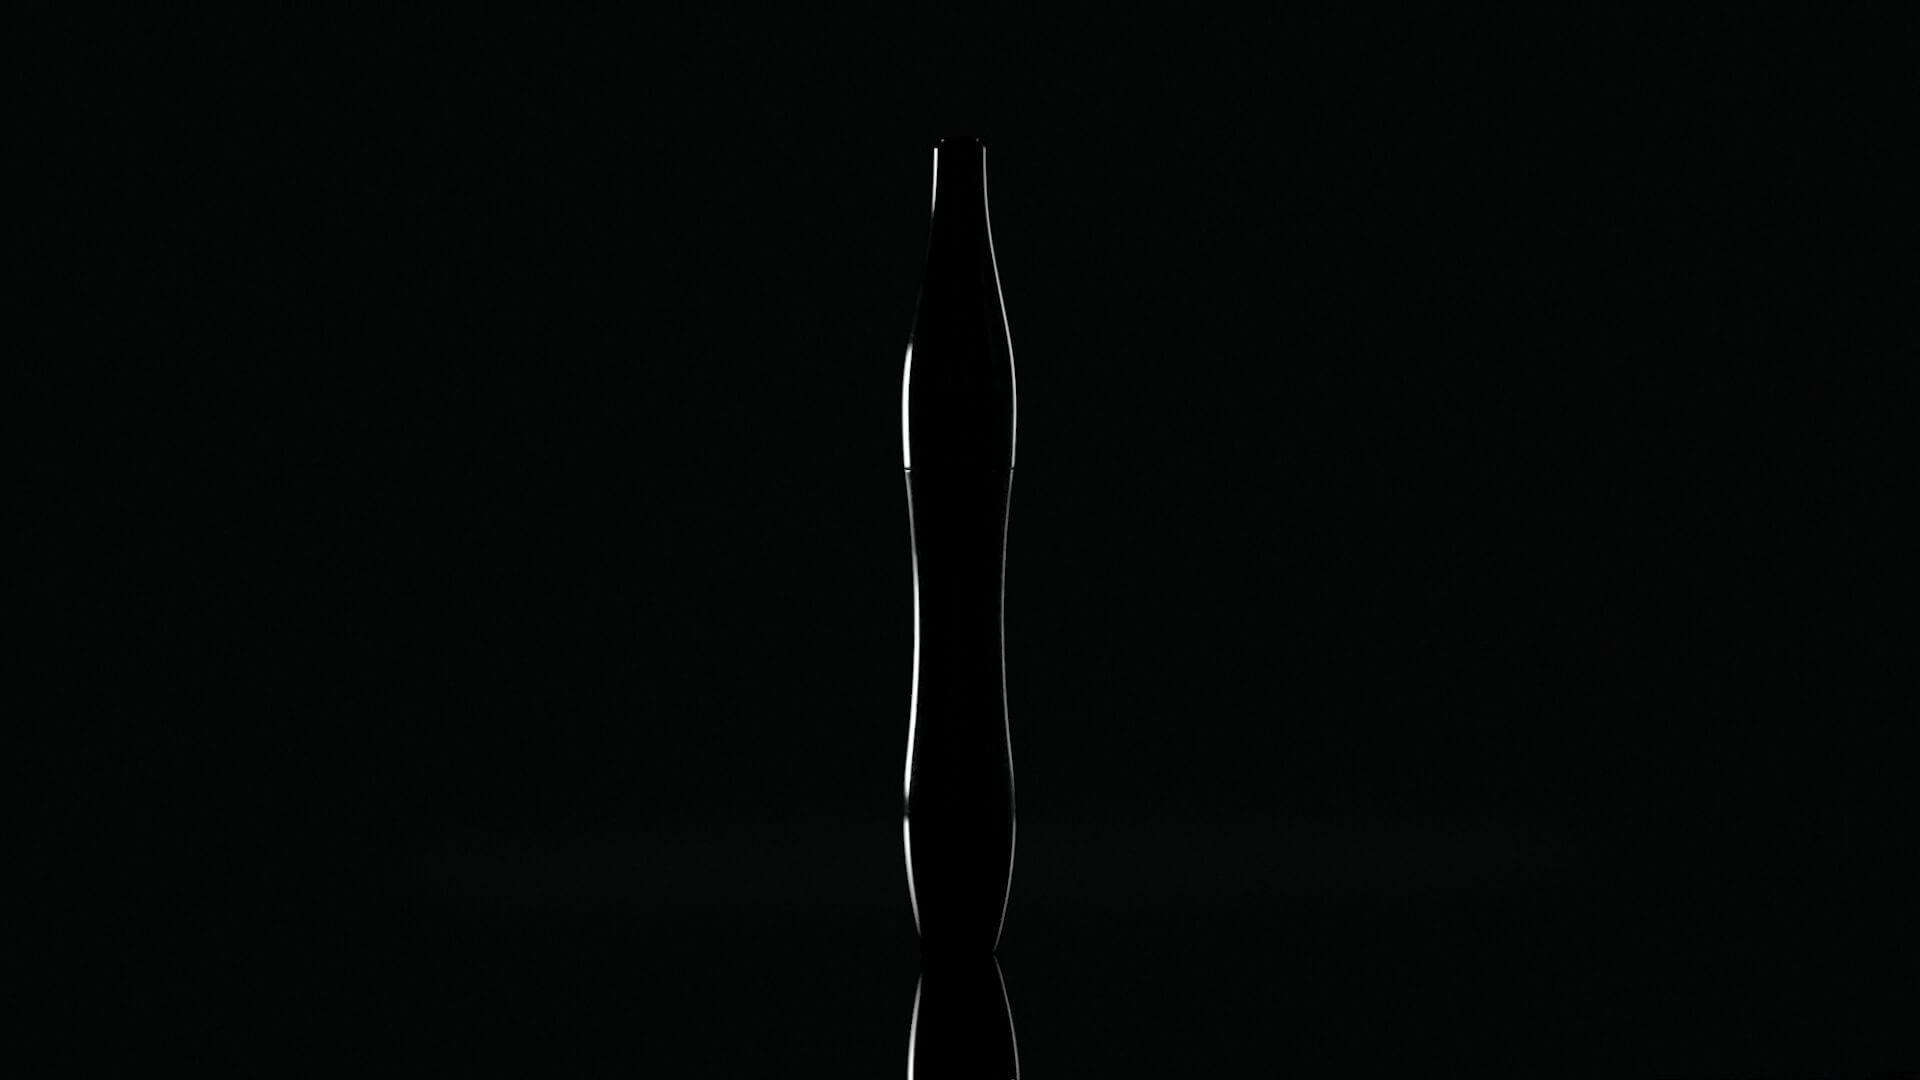 screen-lancome-hypnose-masha-vasyukova-01